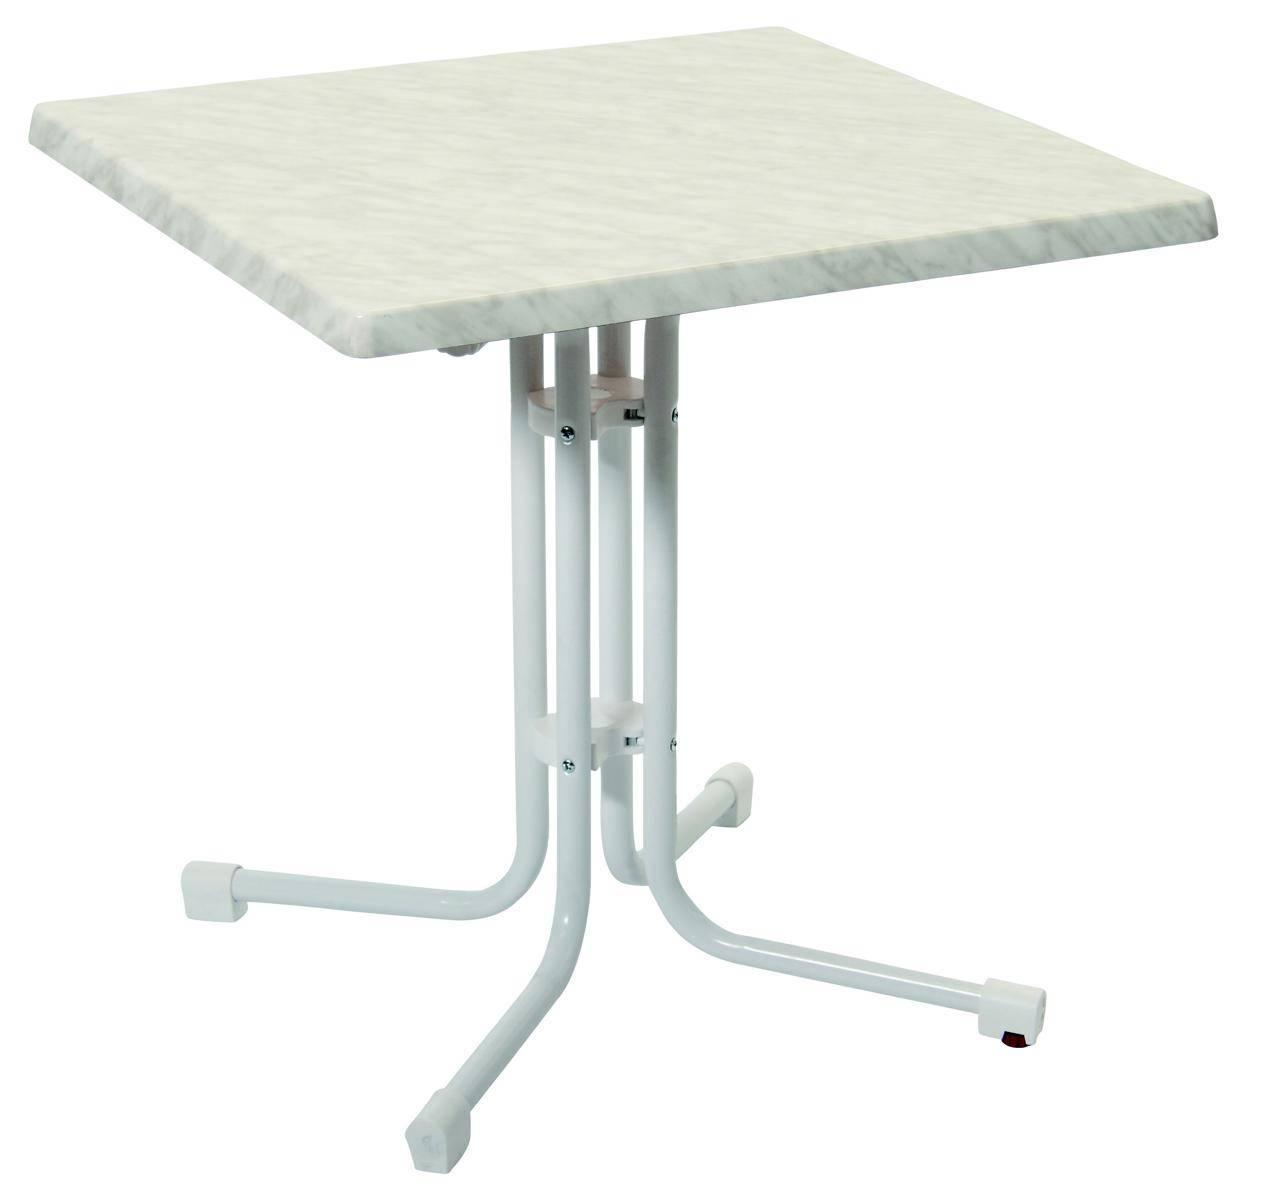 70x70cm Bistrotisch 56611 acamp piazza weisses Gestell mit weiss marmorierter Tischplatte Topalit